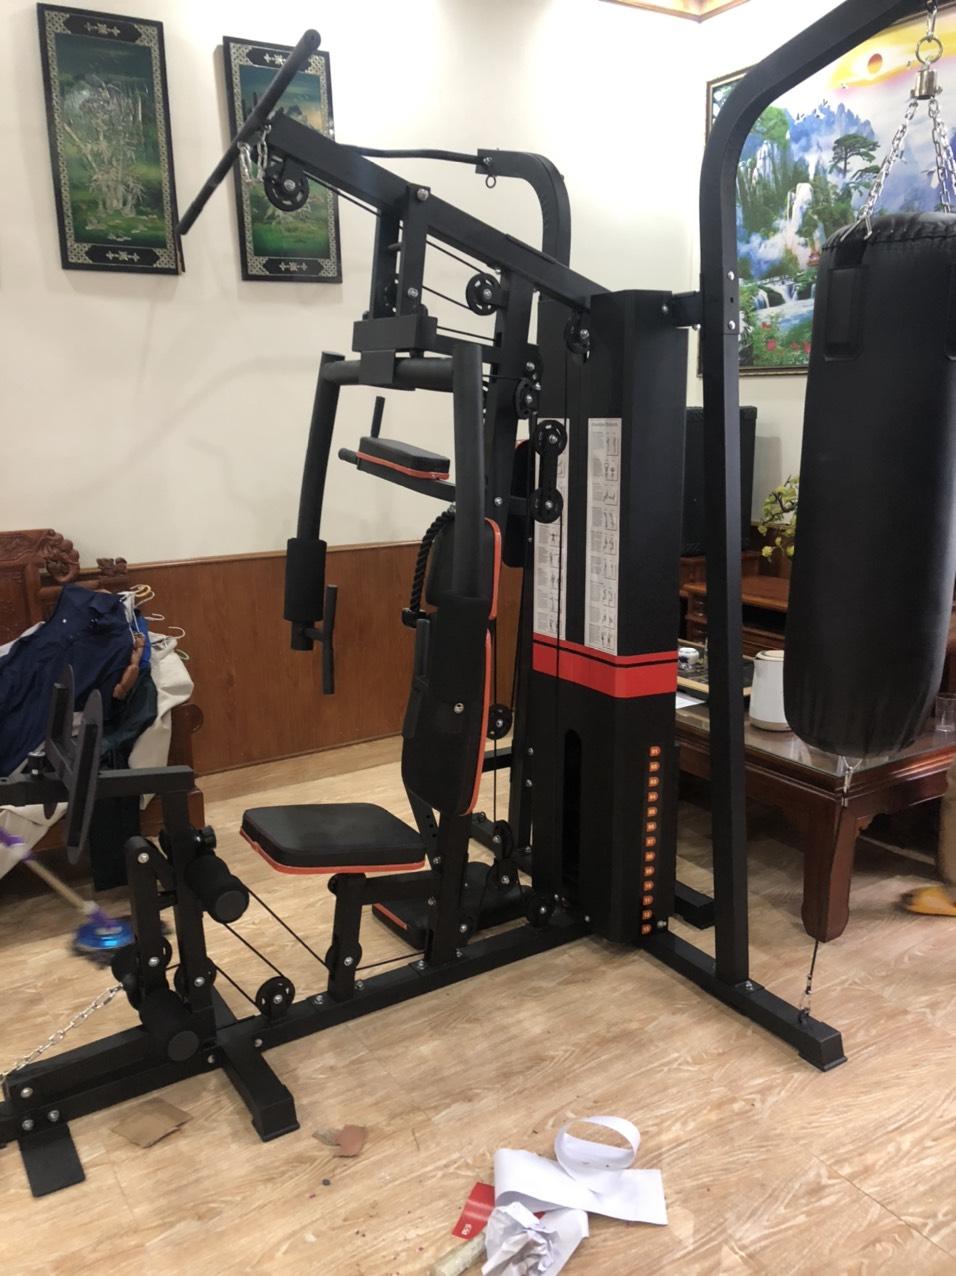 Bộ dụng cụ giàn tạ tập gym tại nhà